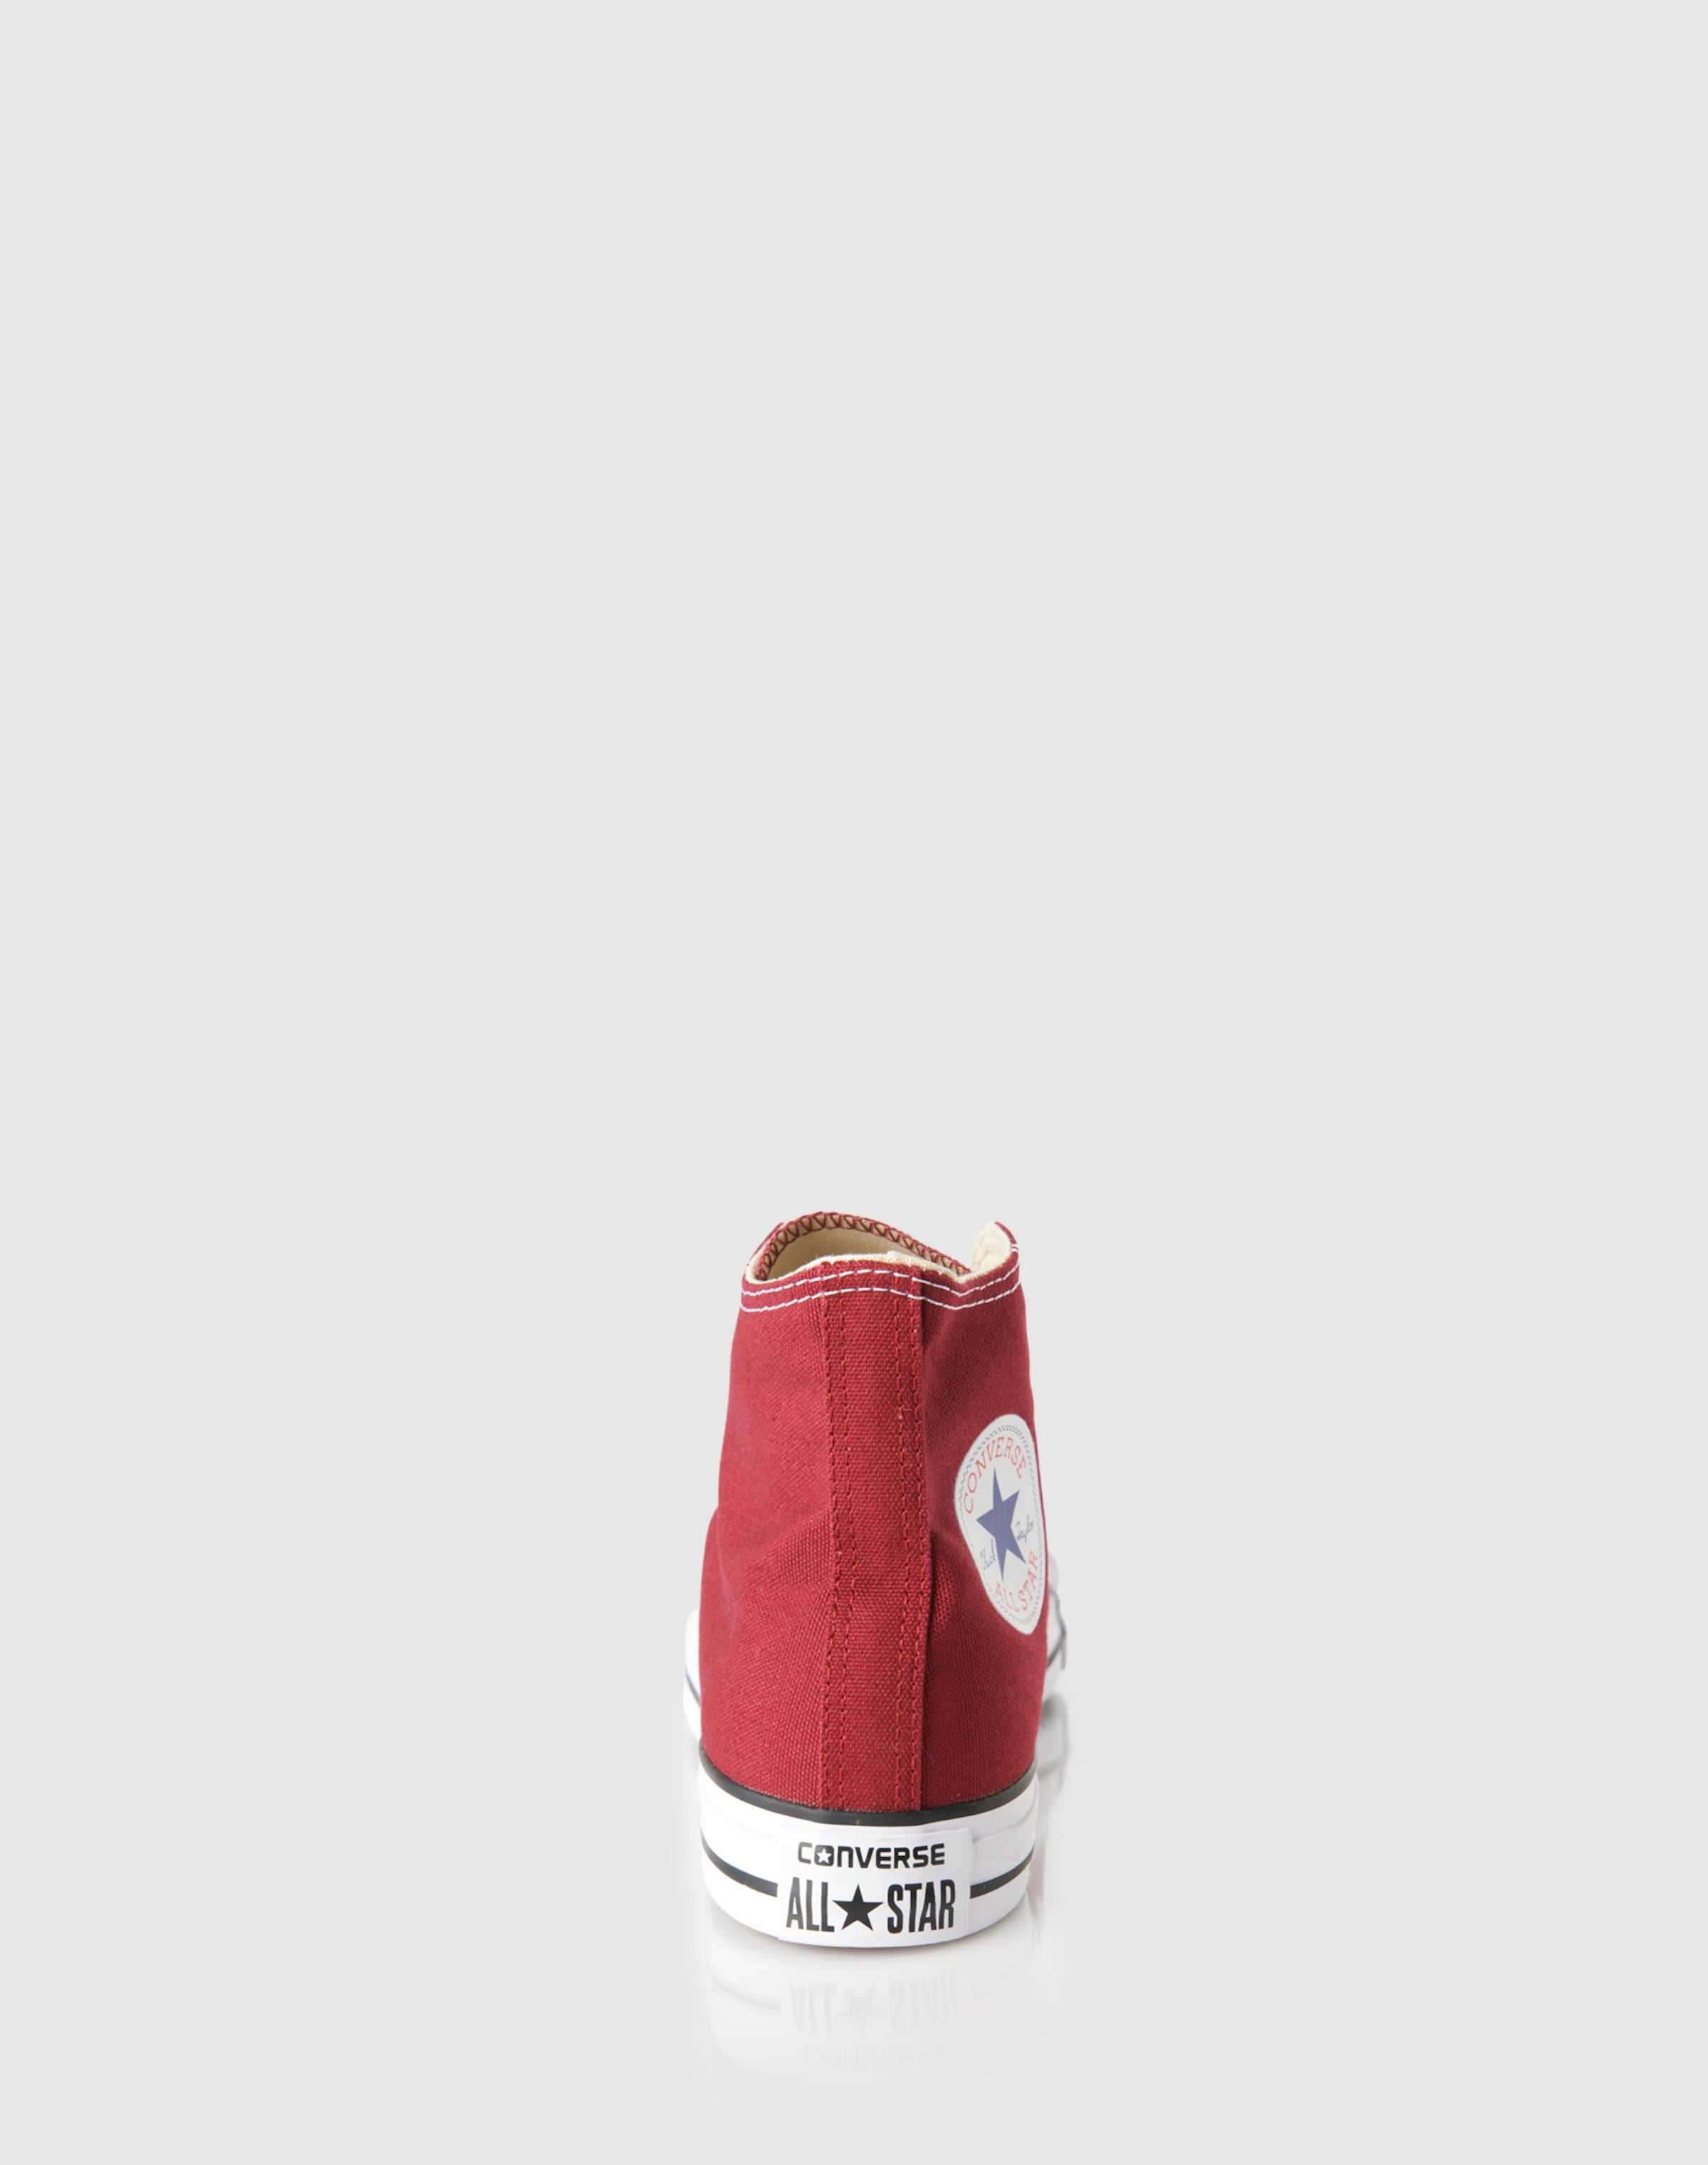 CONVERSE Sneaker High Günstig Kaufen Bequem Günstig Kaufen 2018 Unisex Manchester Großer Verkauf Zum Verkauf Billig Verkauf Niedriger Preis Billig Verkauf Größte Lieferant Mrm2yVE2fq